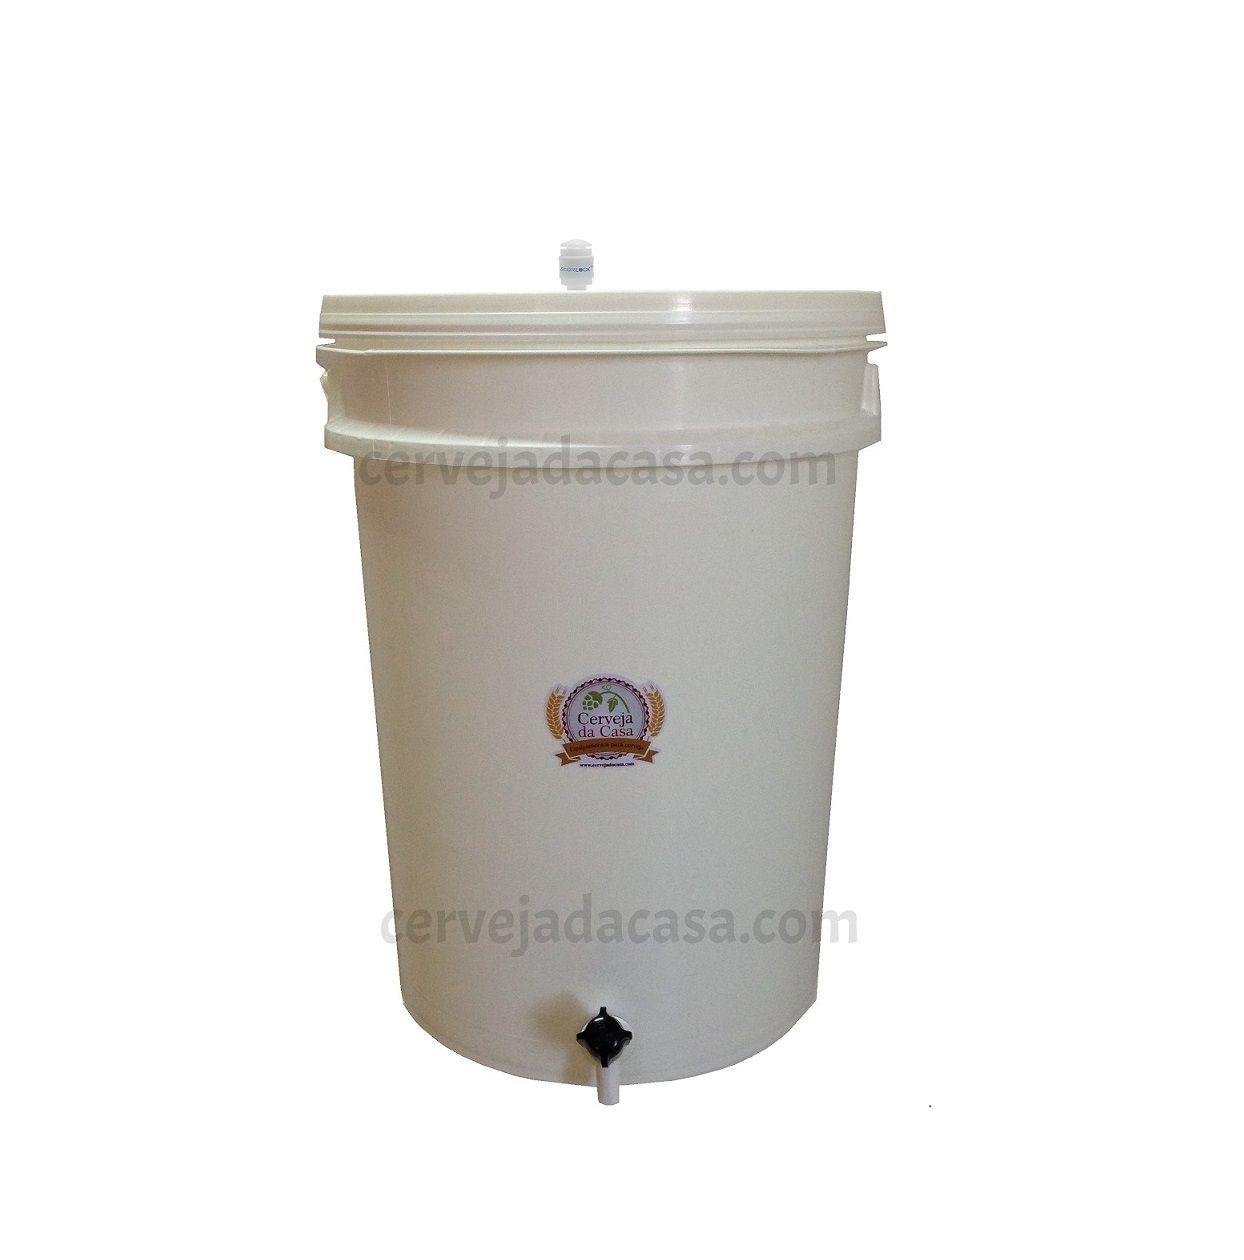 Balde Fermentador 12 Litros com Torneira, Sterilock e Anel de Silicone  - Cerveja da Casa